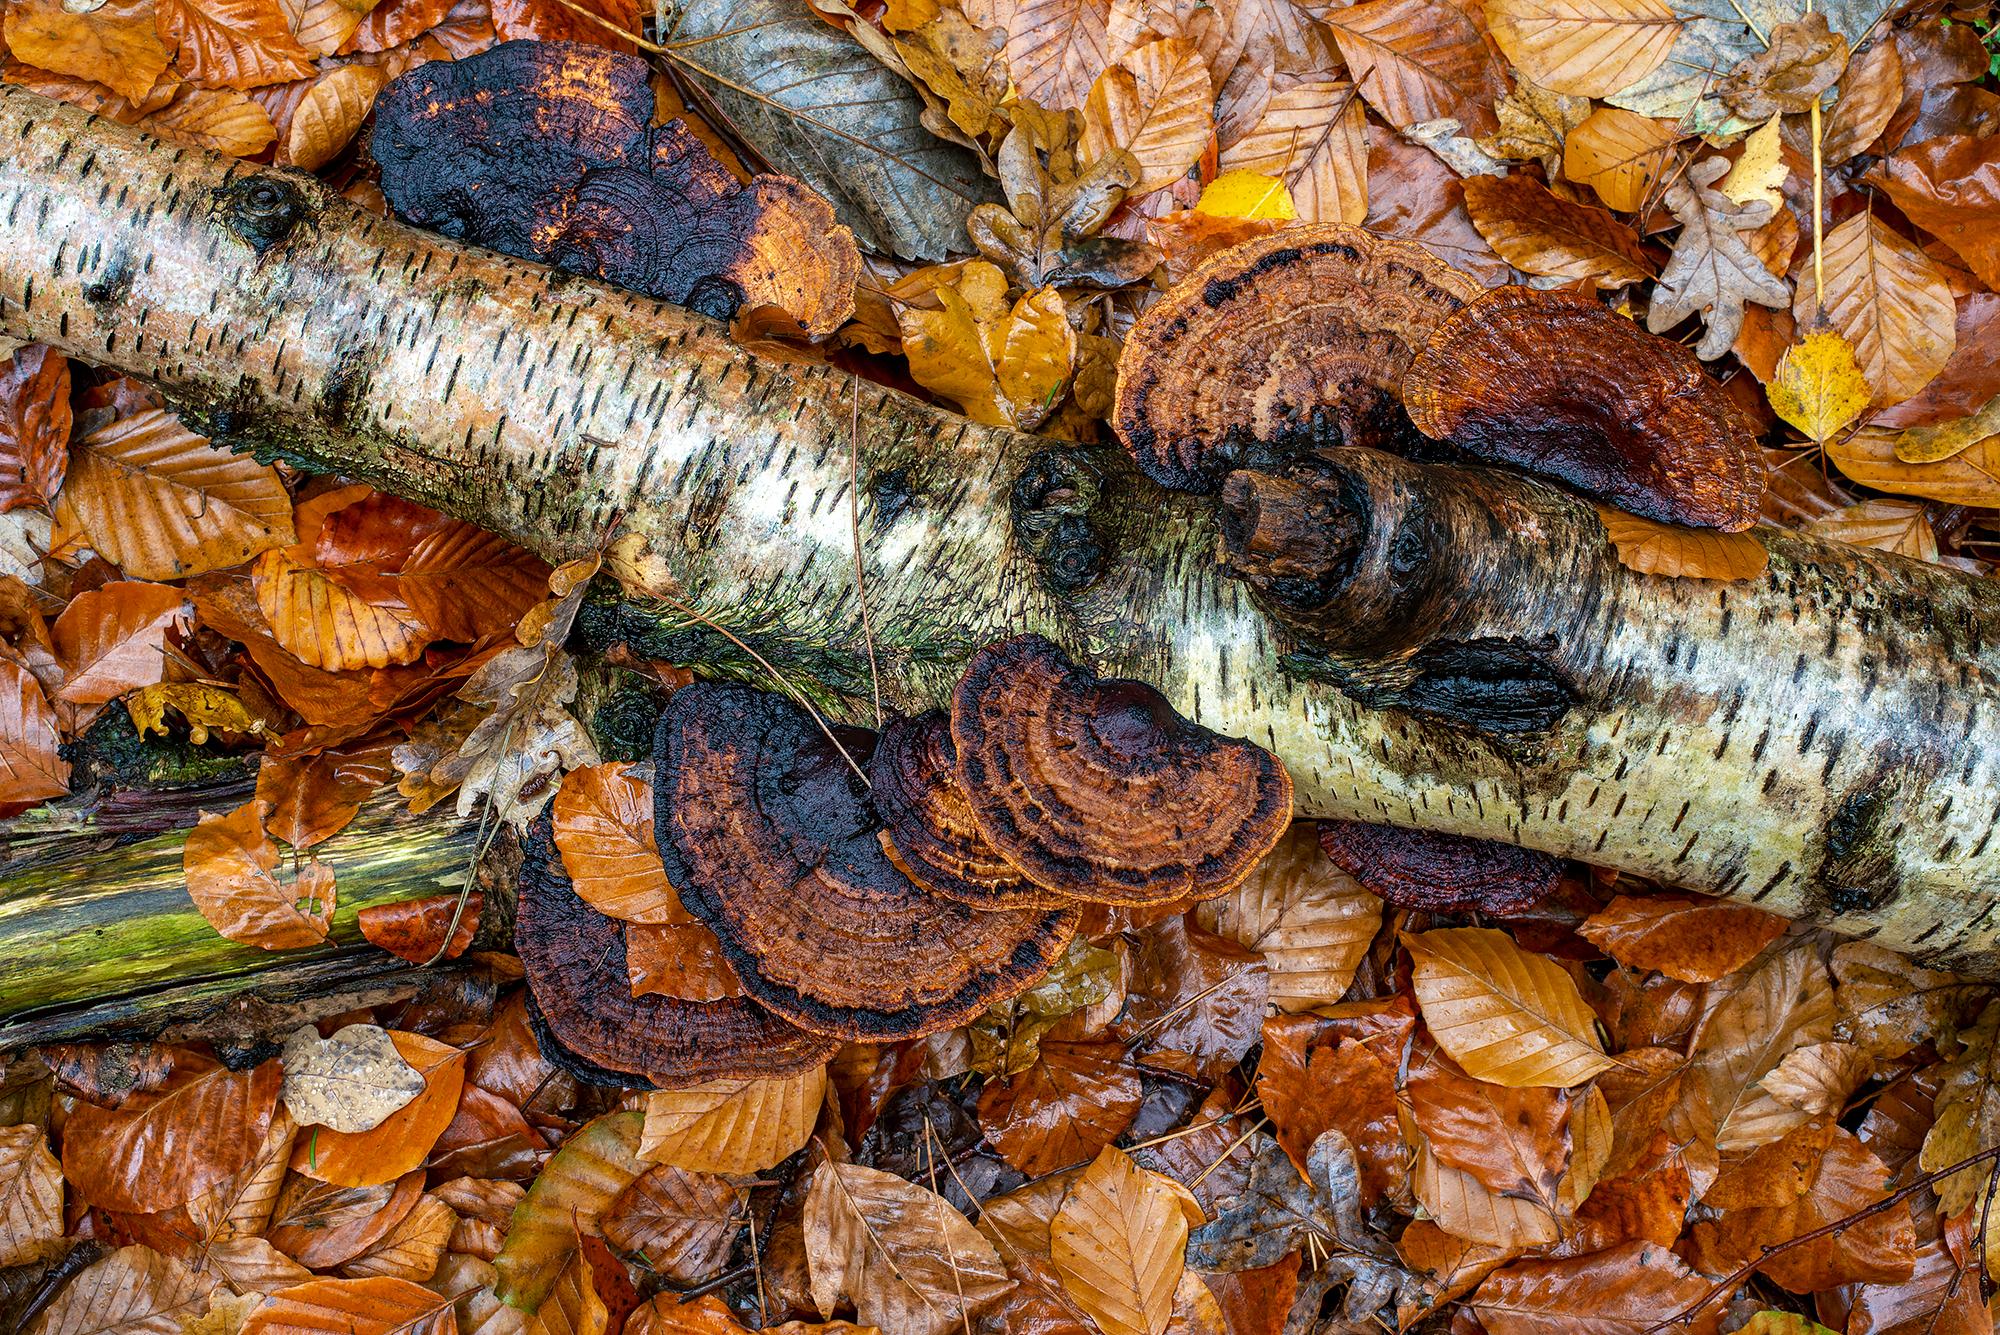 Gevallen berkentak met roodporiehoutzwam (Daedaleopsis confragosa) tussen herfstbladeren in het bos van Landgoed Koningshof in Overveen